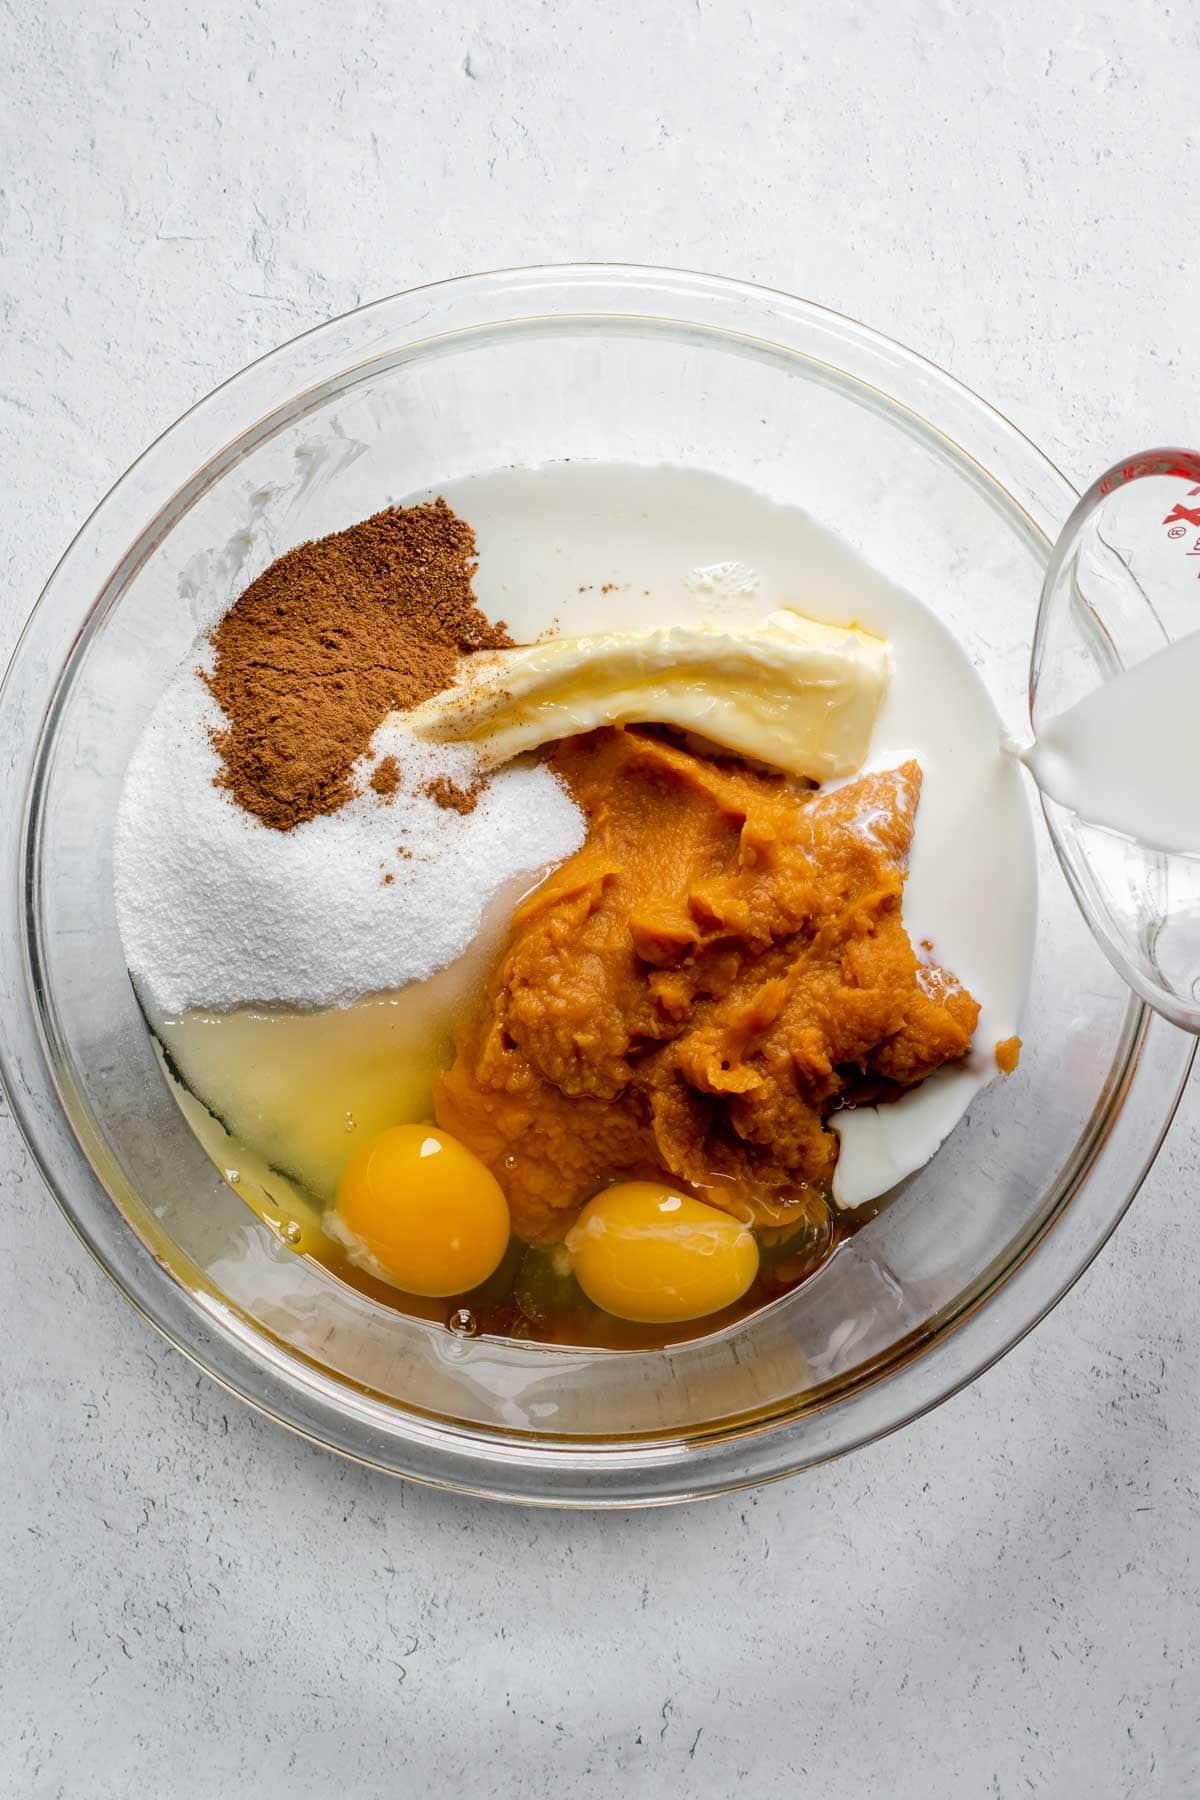 Sweet Potato Pie ingredients in mixing bowl